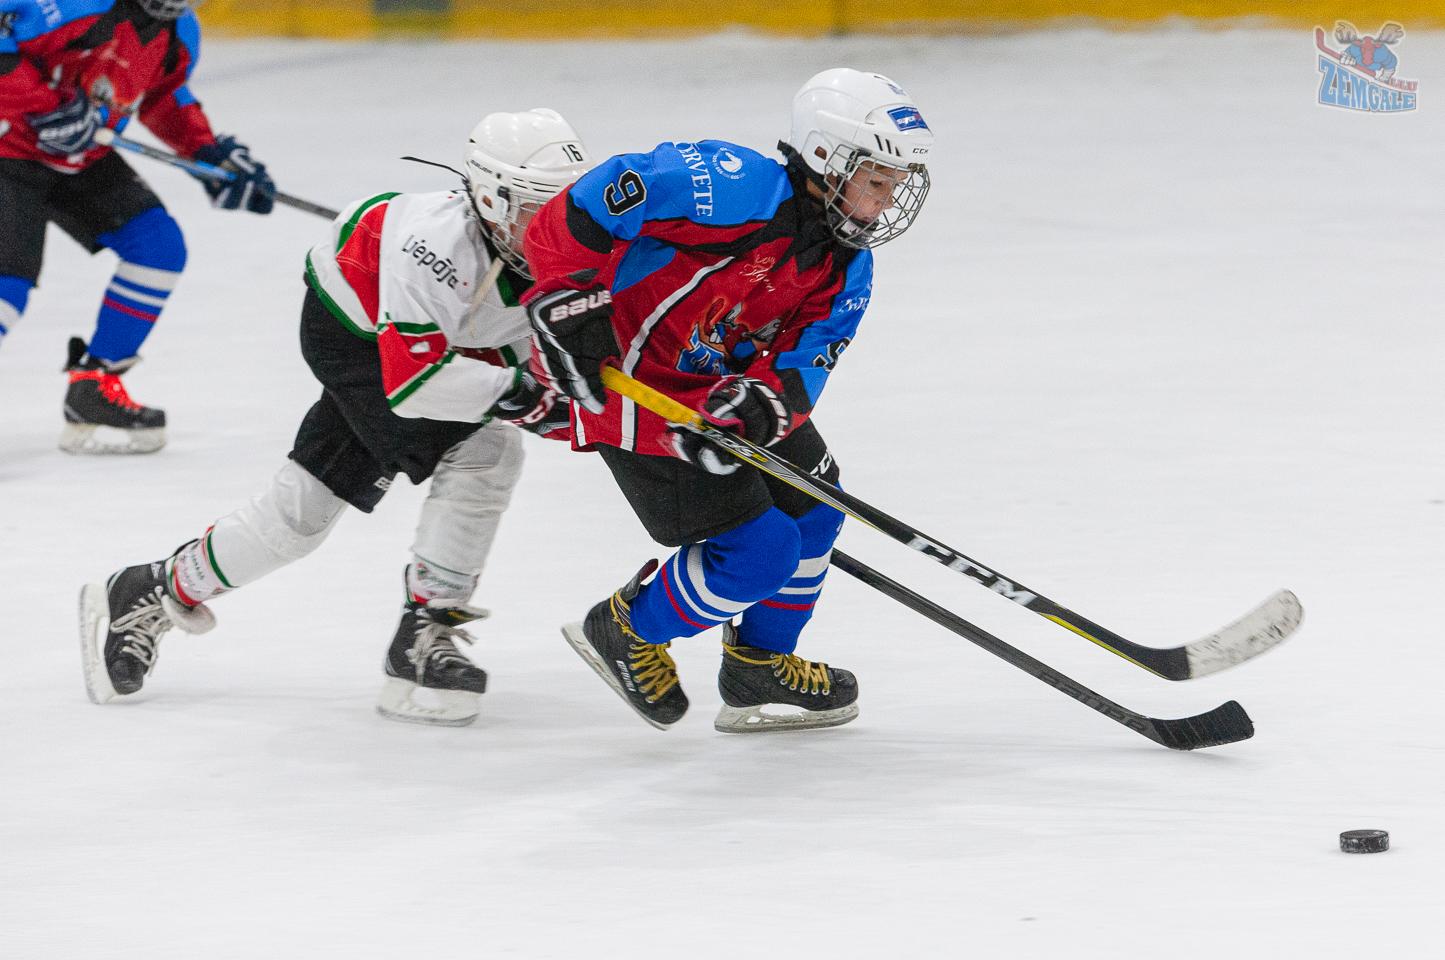 Jelgavas hokeja skola JLSS U11 A - Liepāja SSS 2010 LBJČH 13102019-21